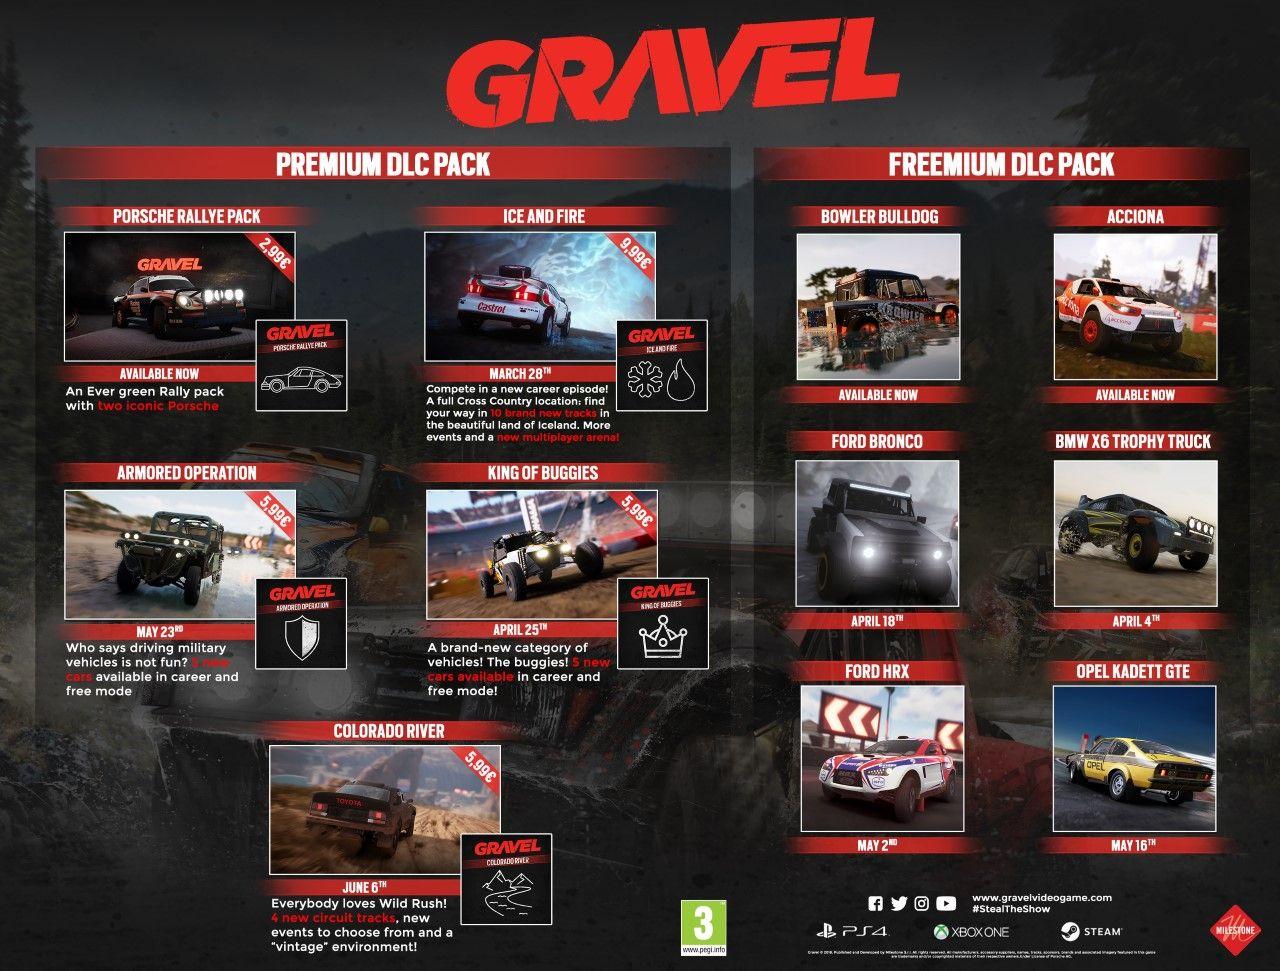 Gravel: presentato il piano digitale, svelato il DLC Ice and Fire